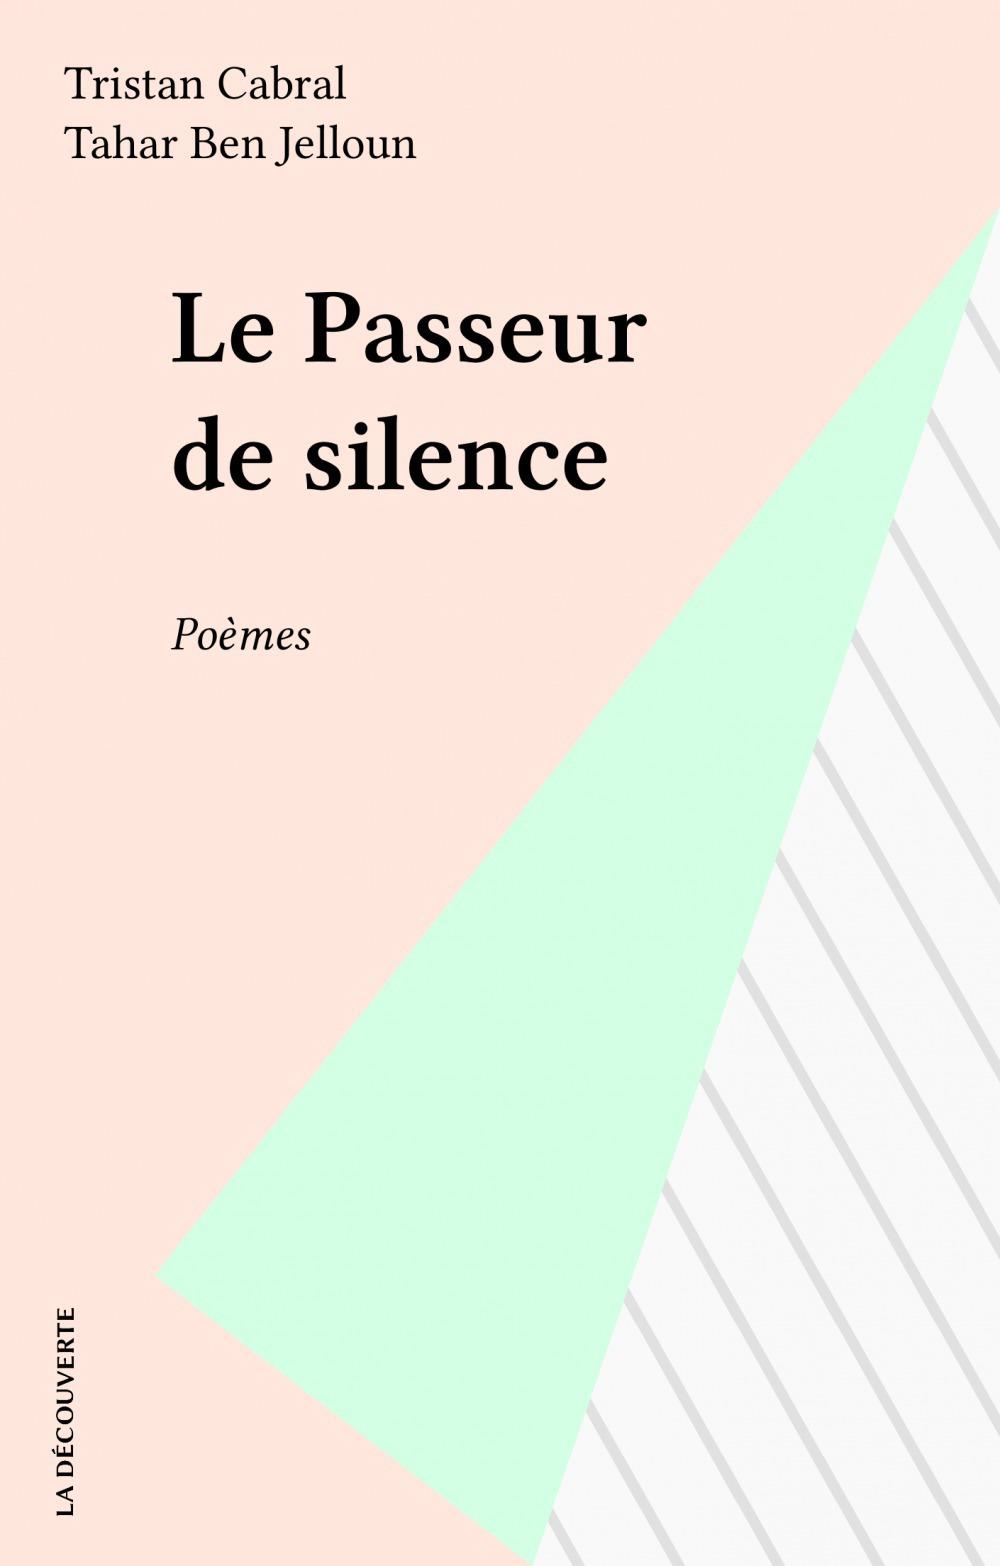 Le Passeur de silence